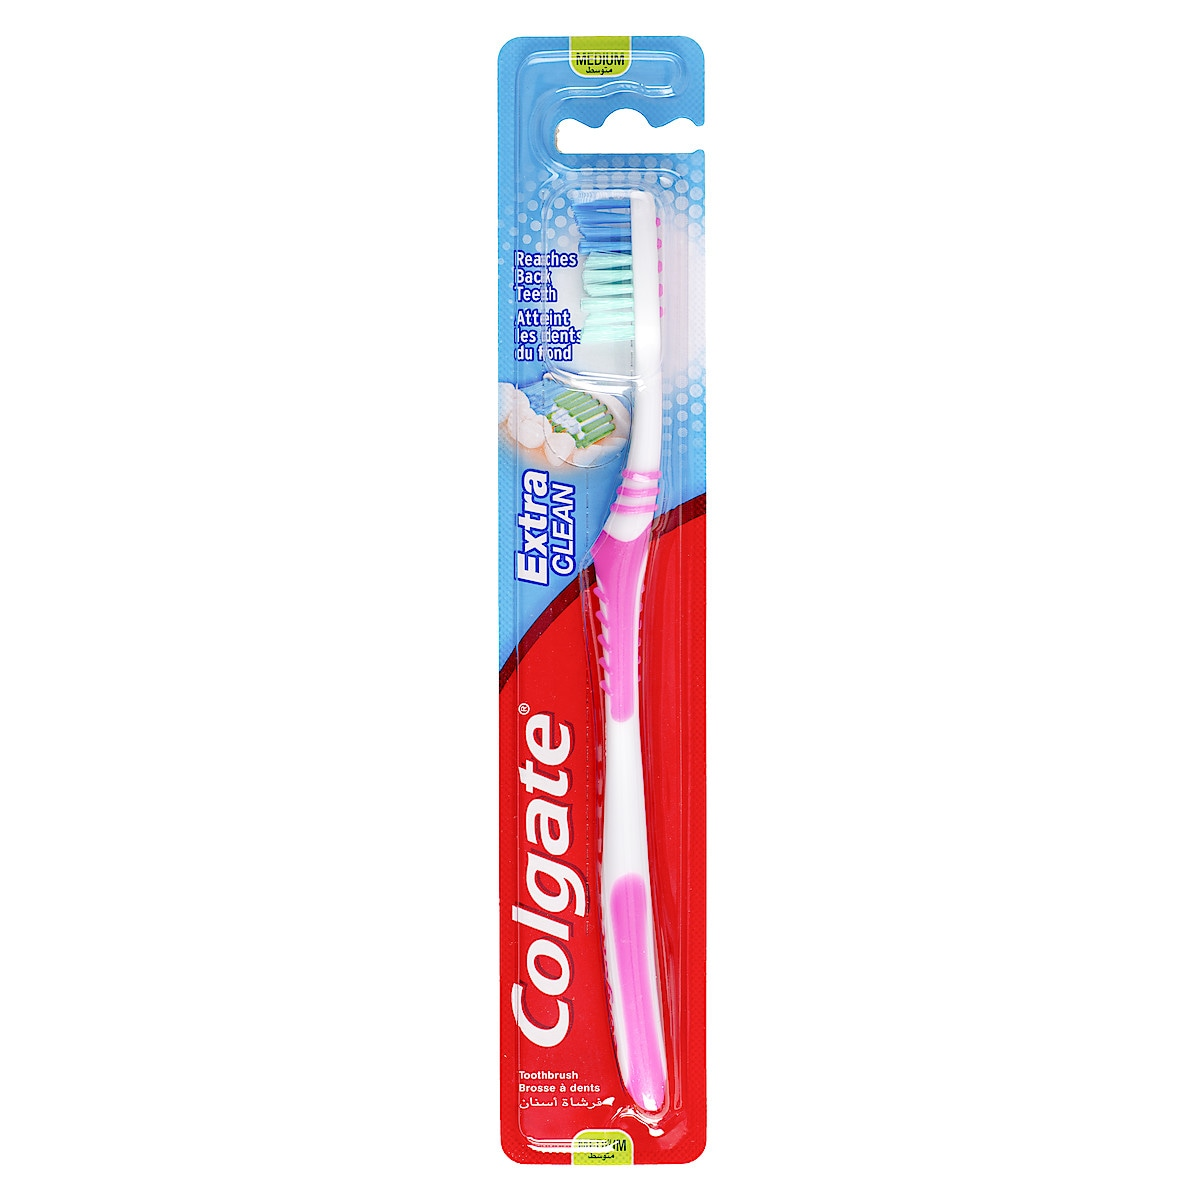 Colgate tannbørste